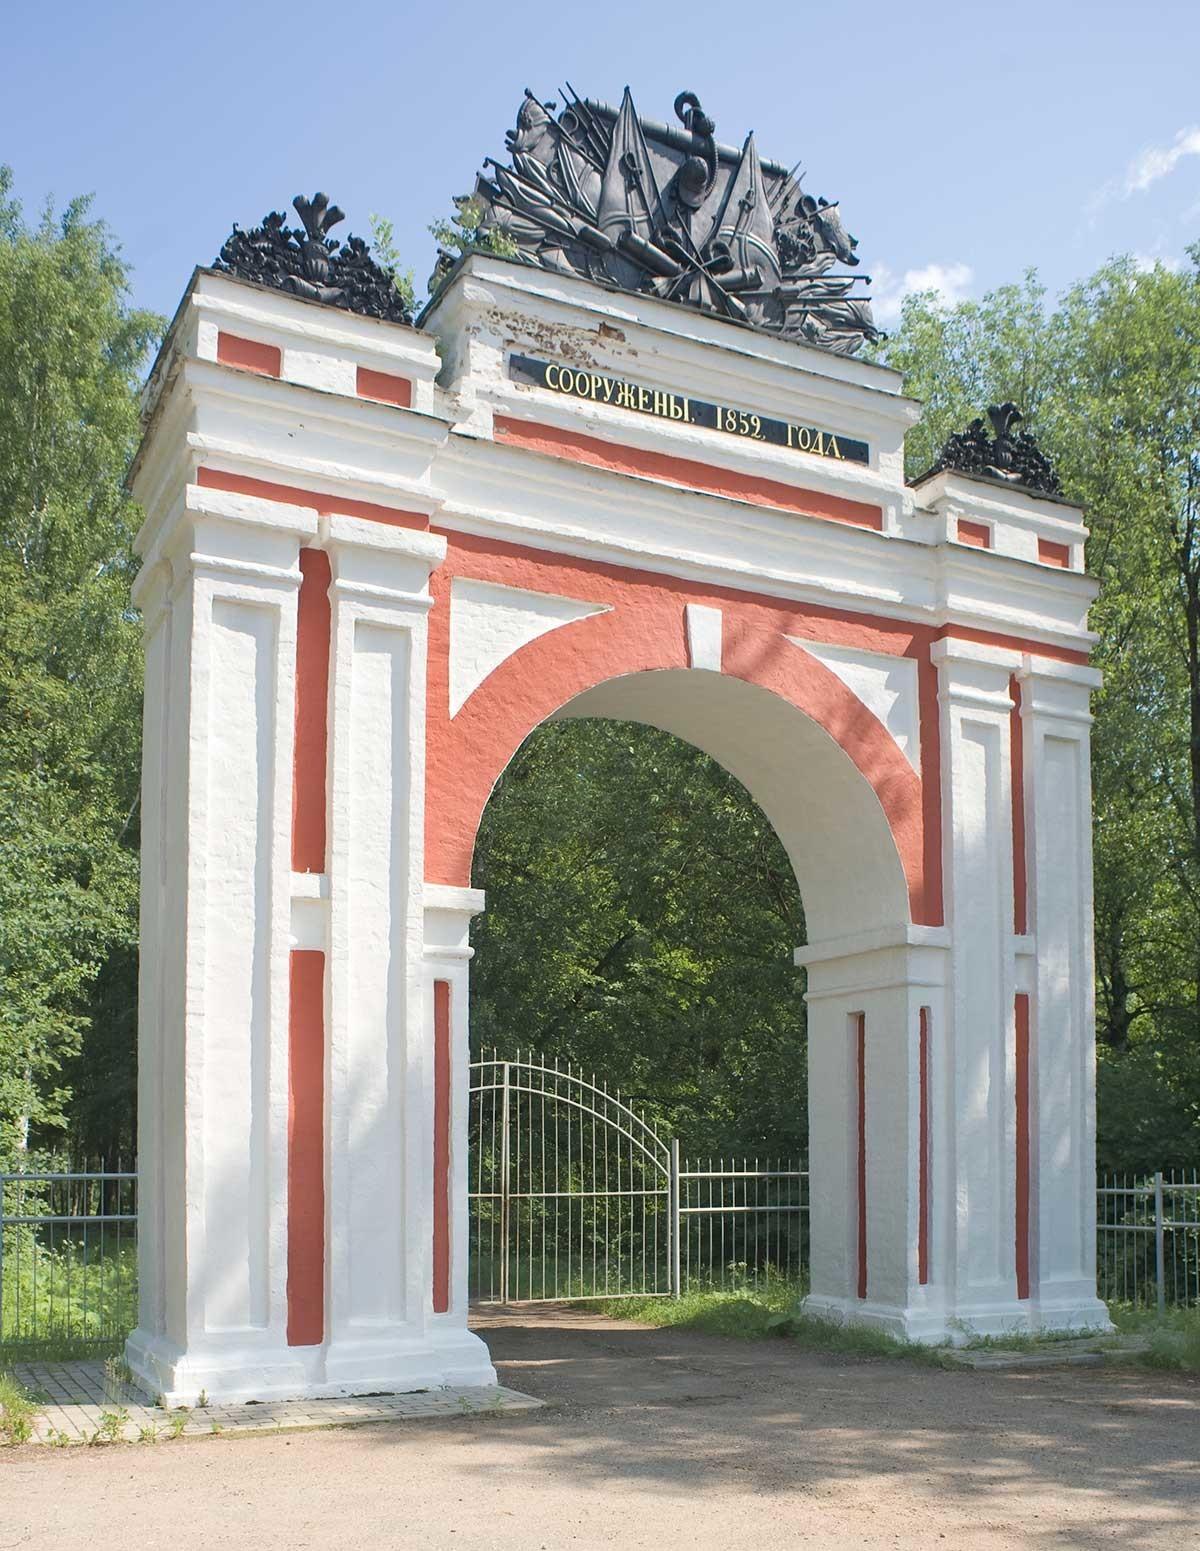 Veskovo. Arco de Triunfo (entrada a la finca). 7 de junio de 2019.